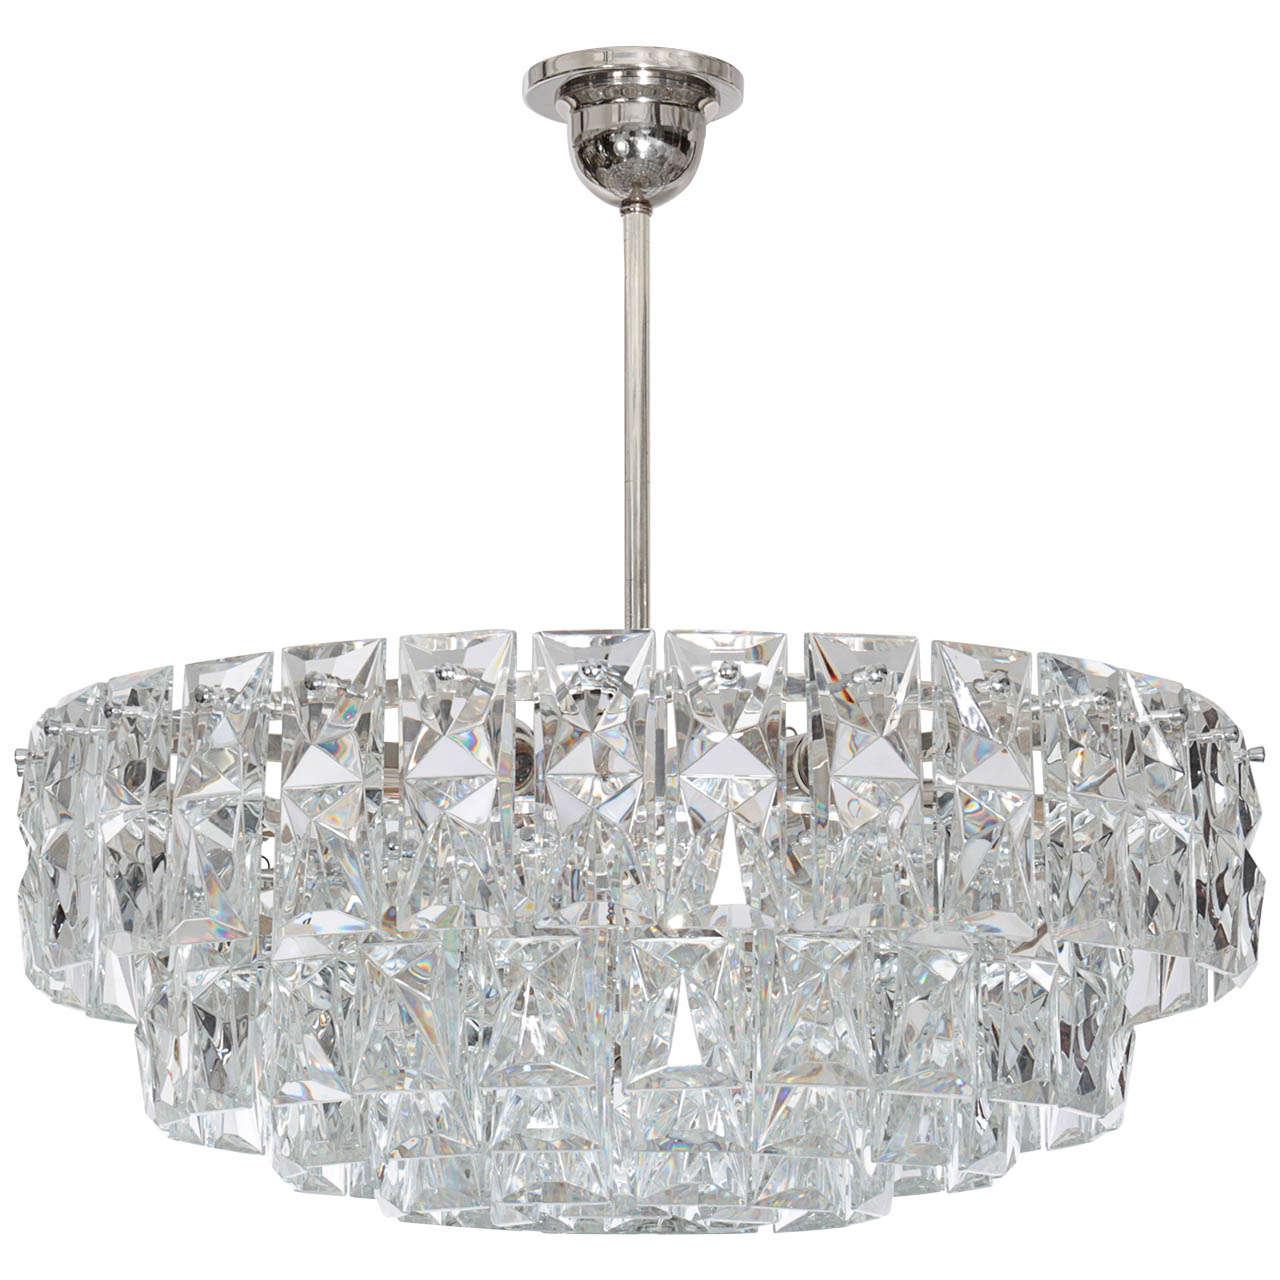 Rectangular Crystal Chandelier: Large Rectangular Crystal Prism Chandelier By Kinkeldey At